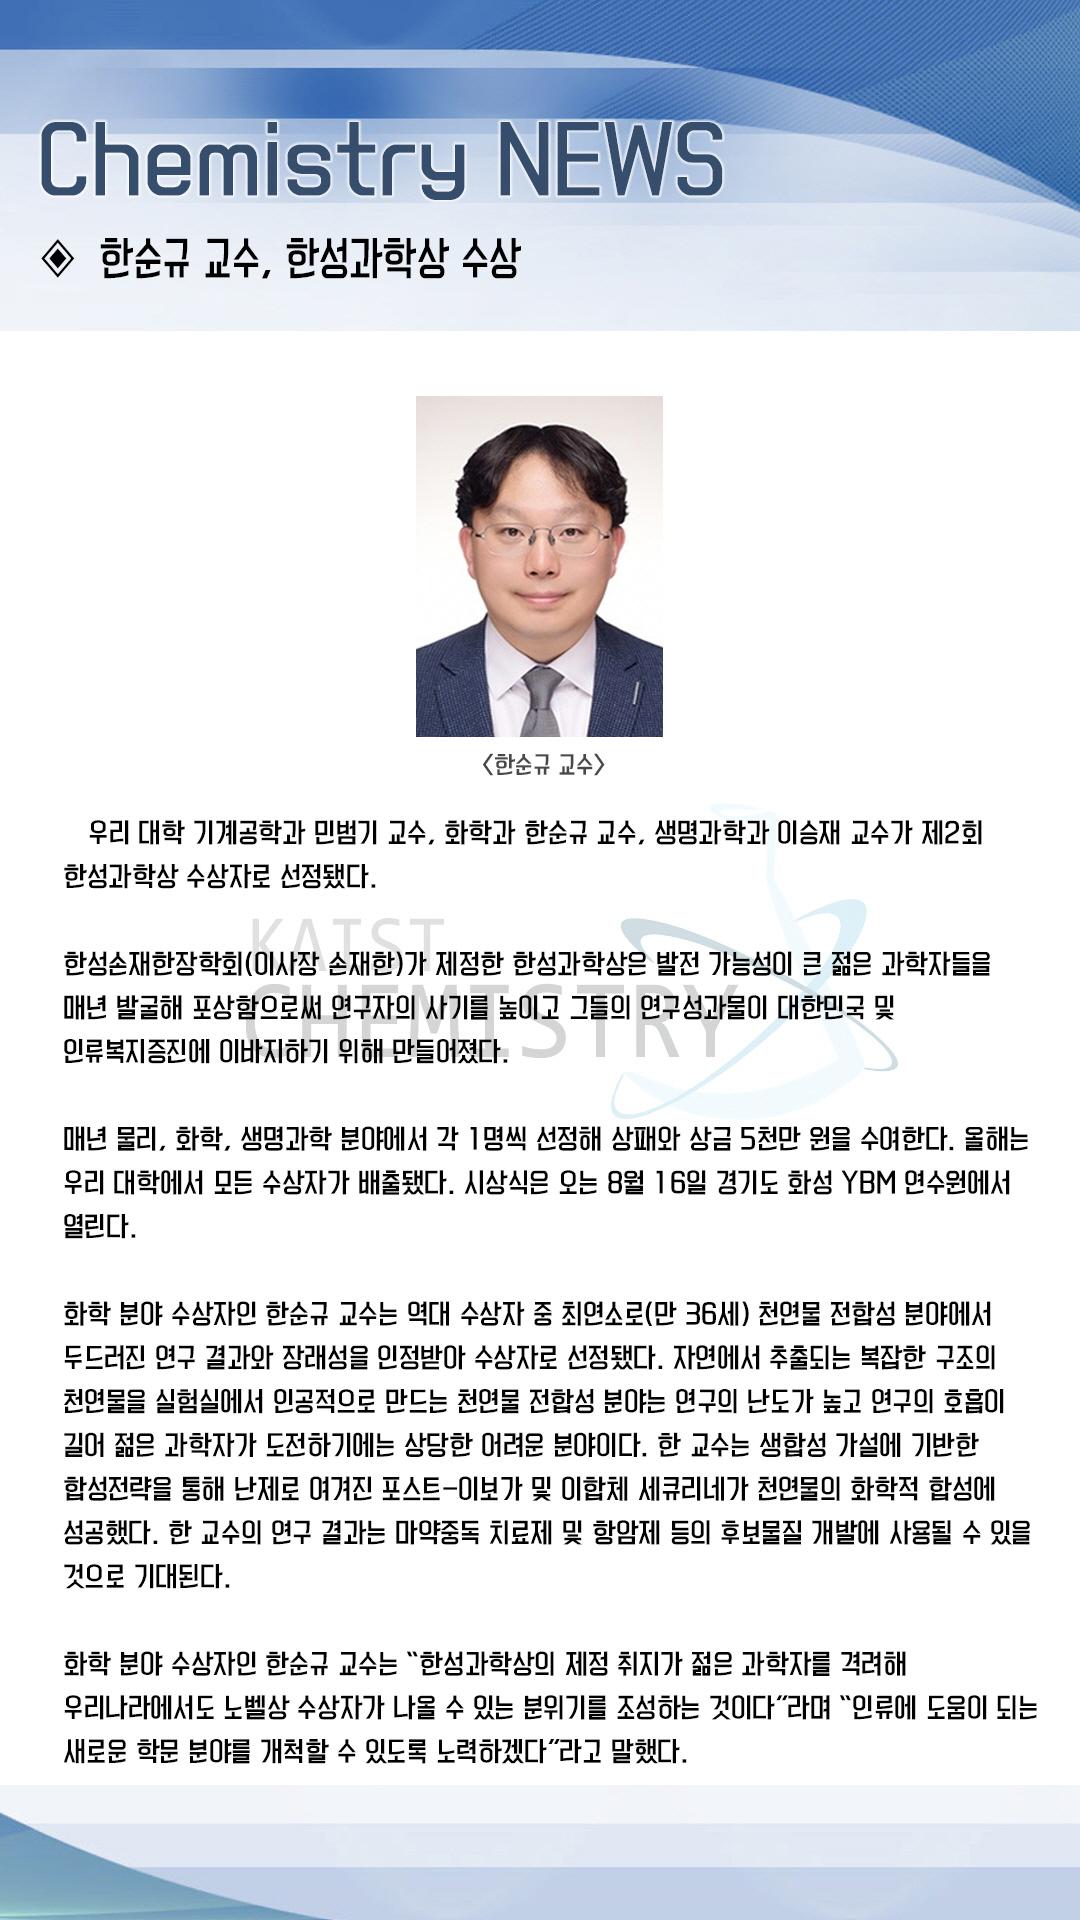 회전_NEWS_한순규교수(2019).jpg